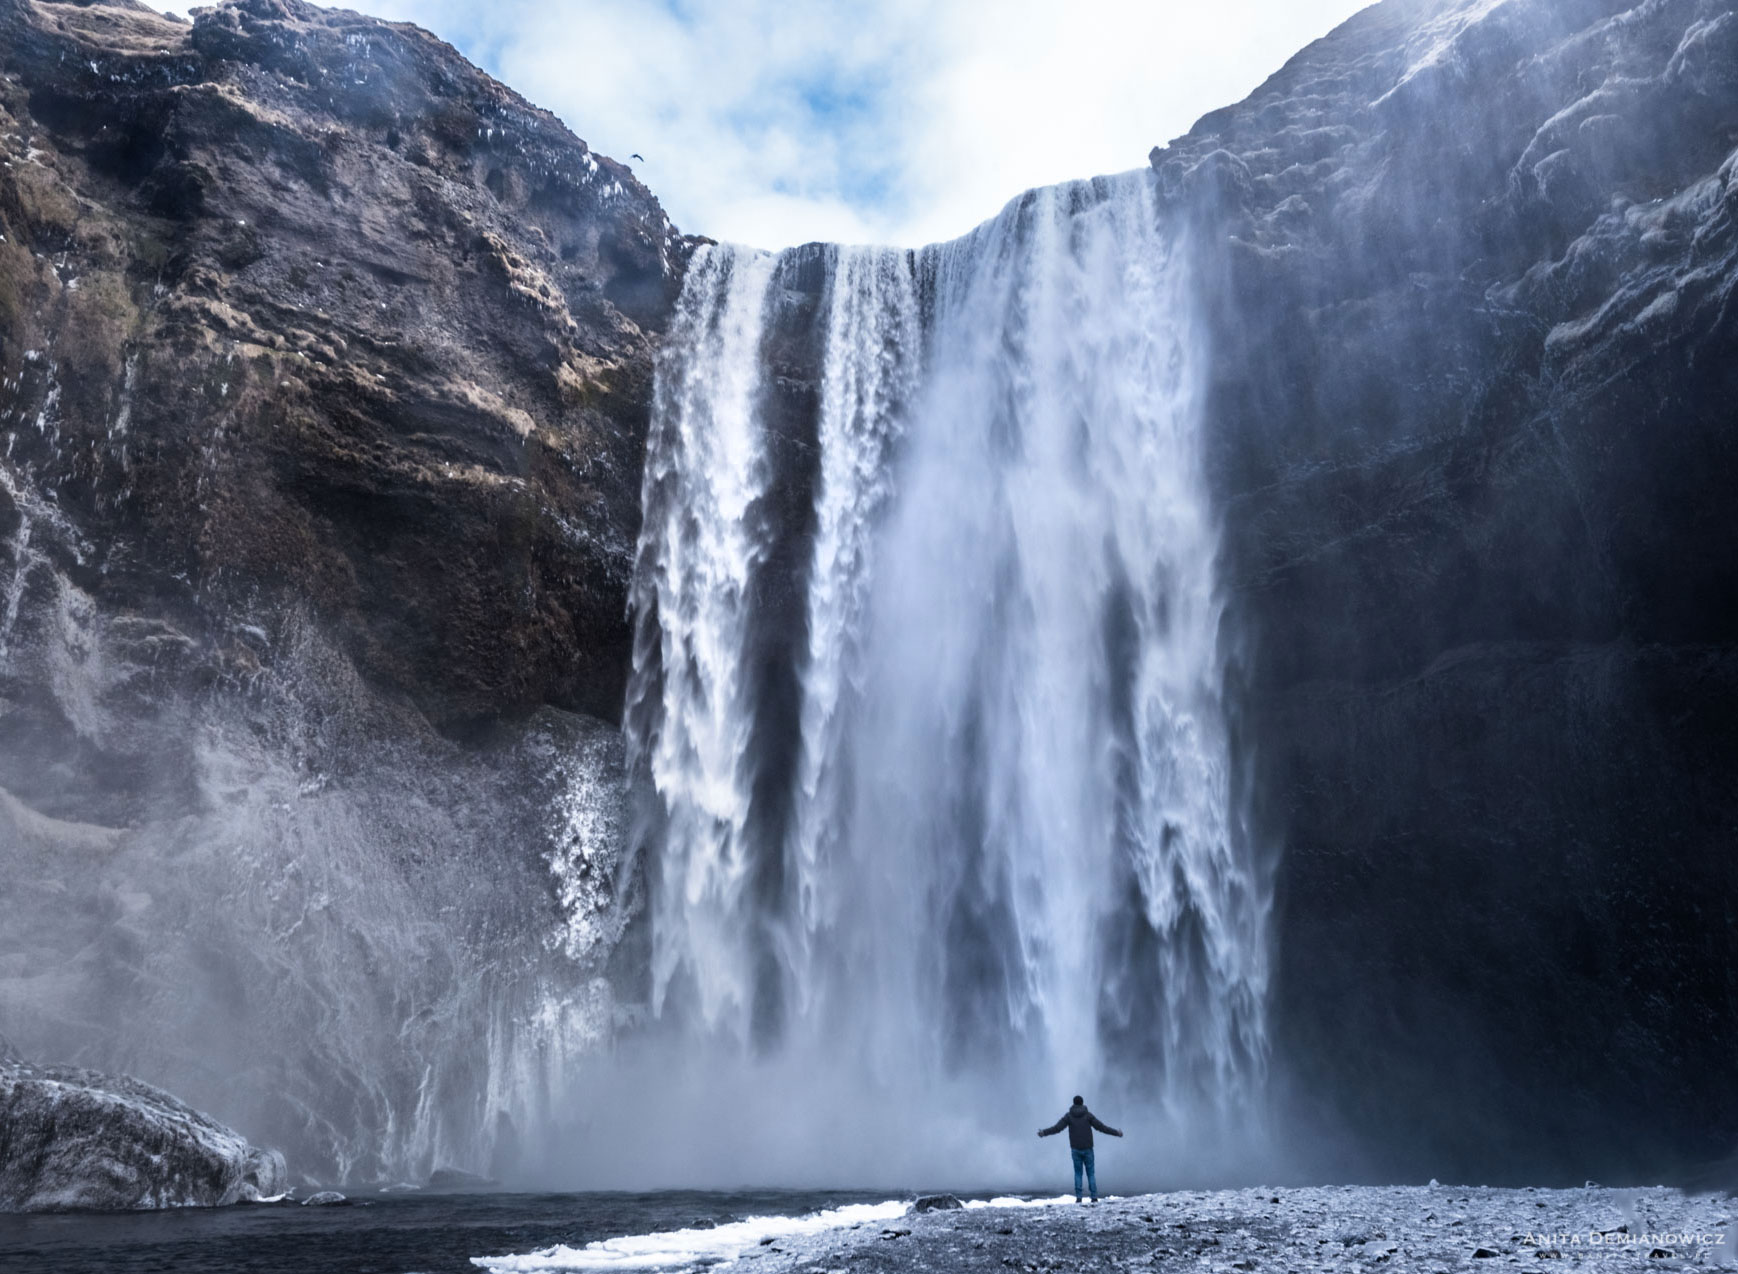 Wodospad Skogafoss, Islandia, Anita Demianowicz